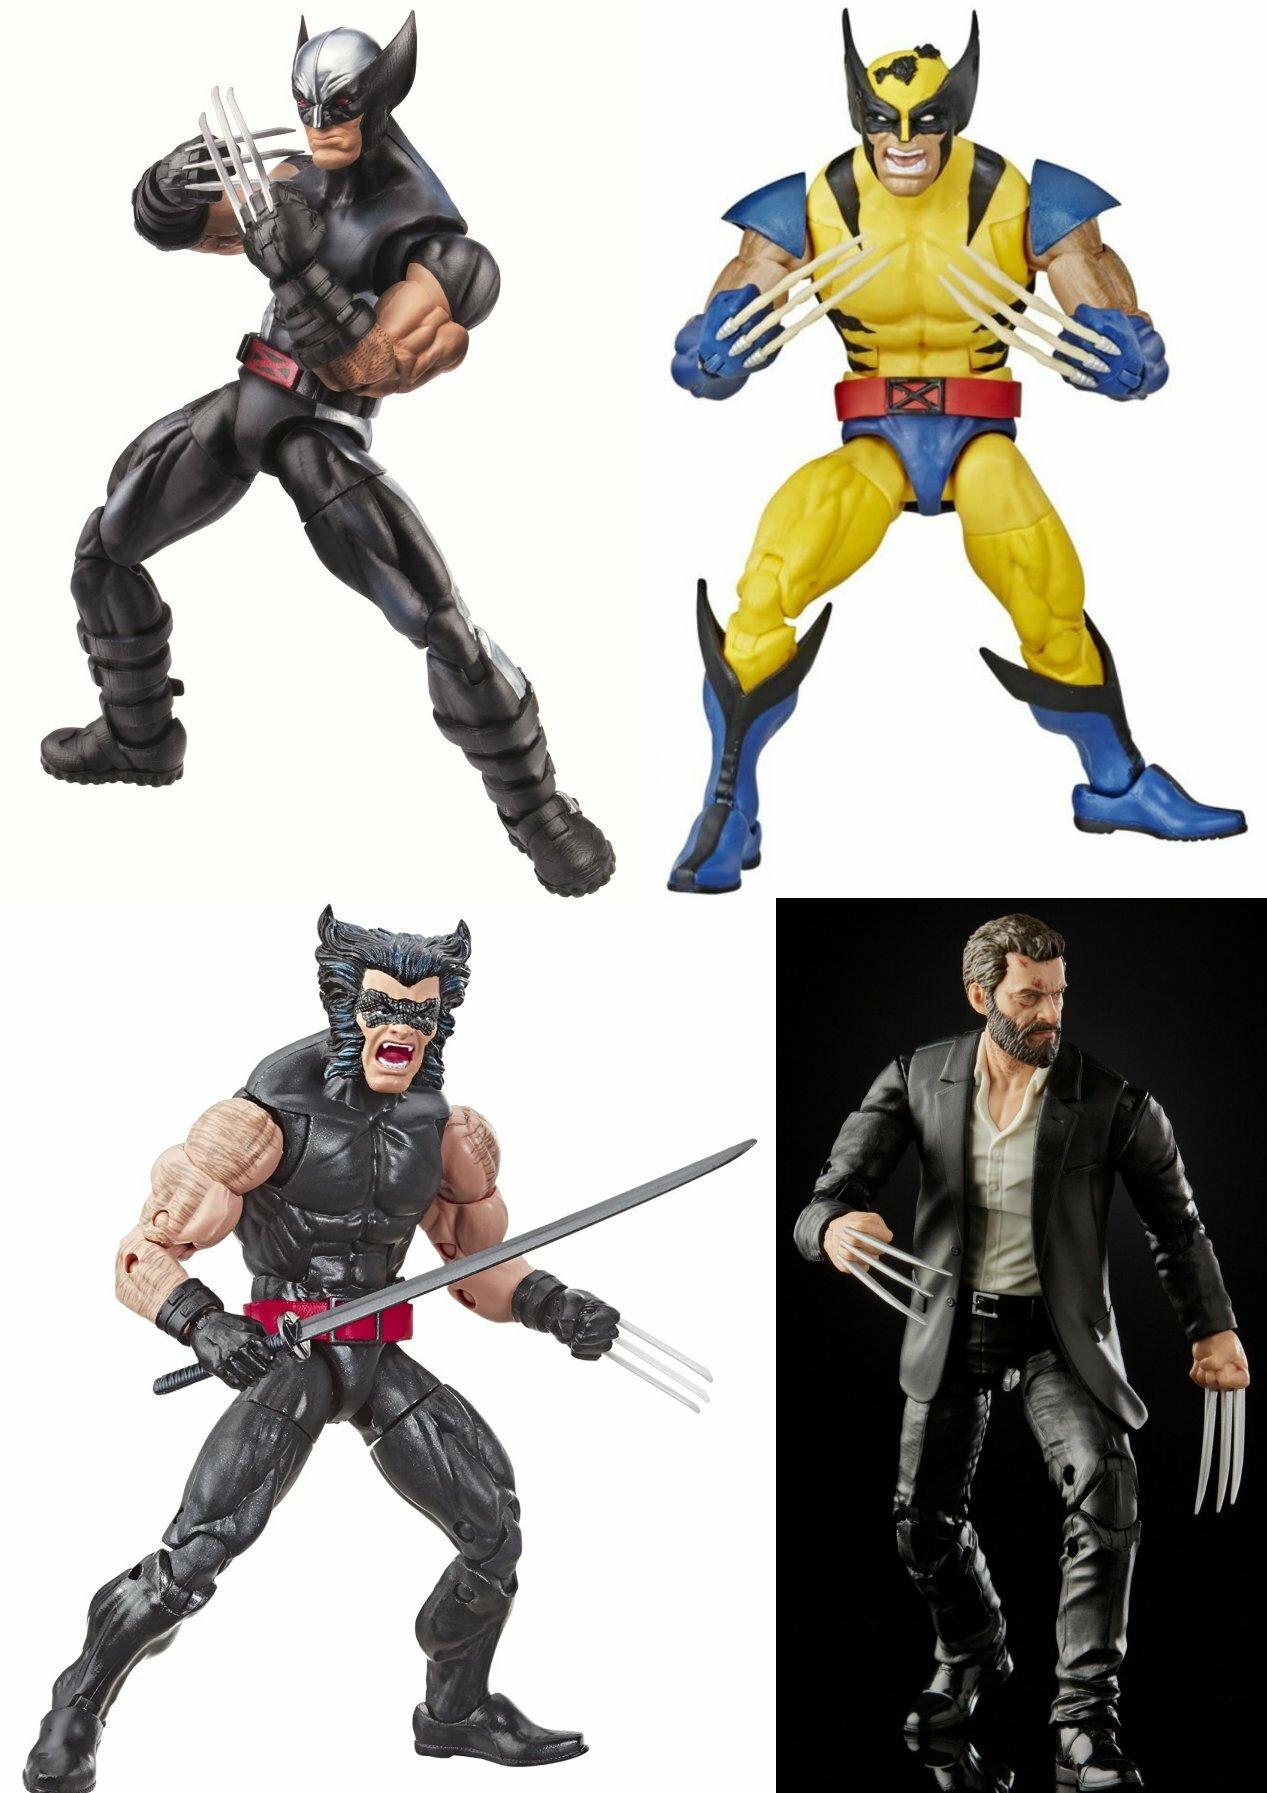 A sampling of Marvel Legends figures